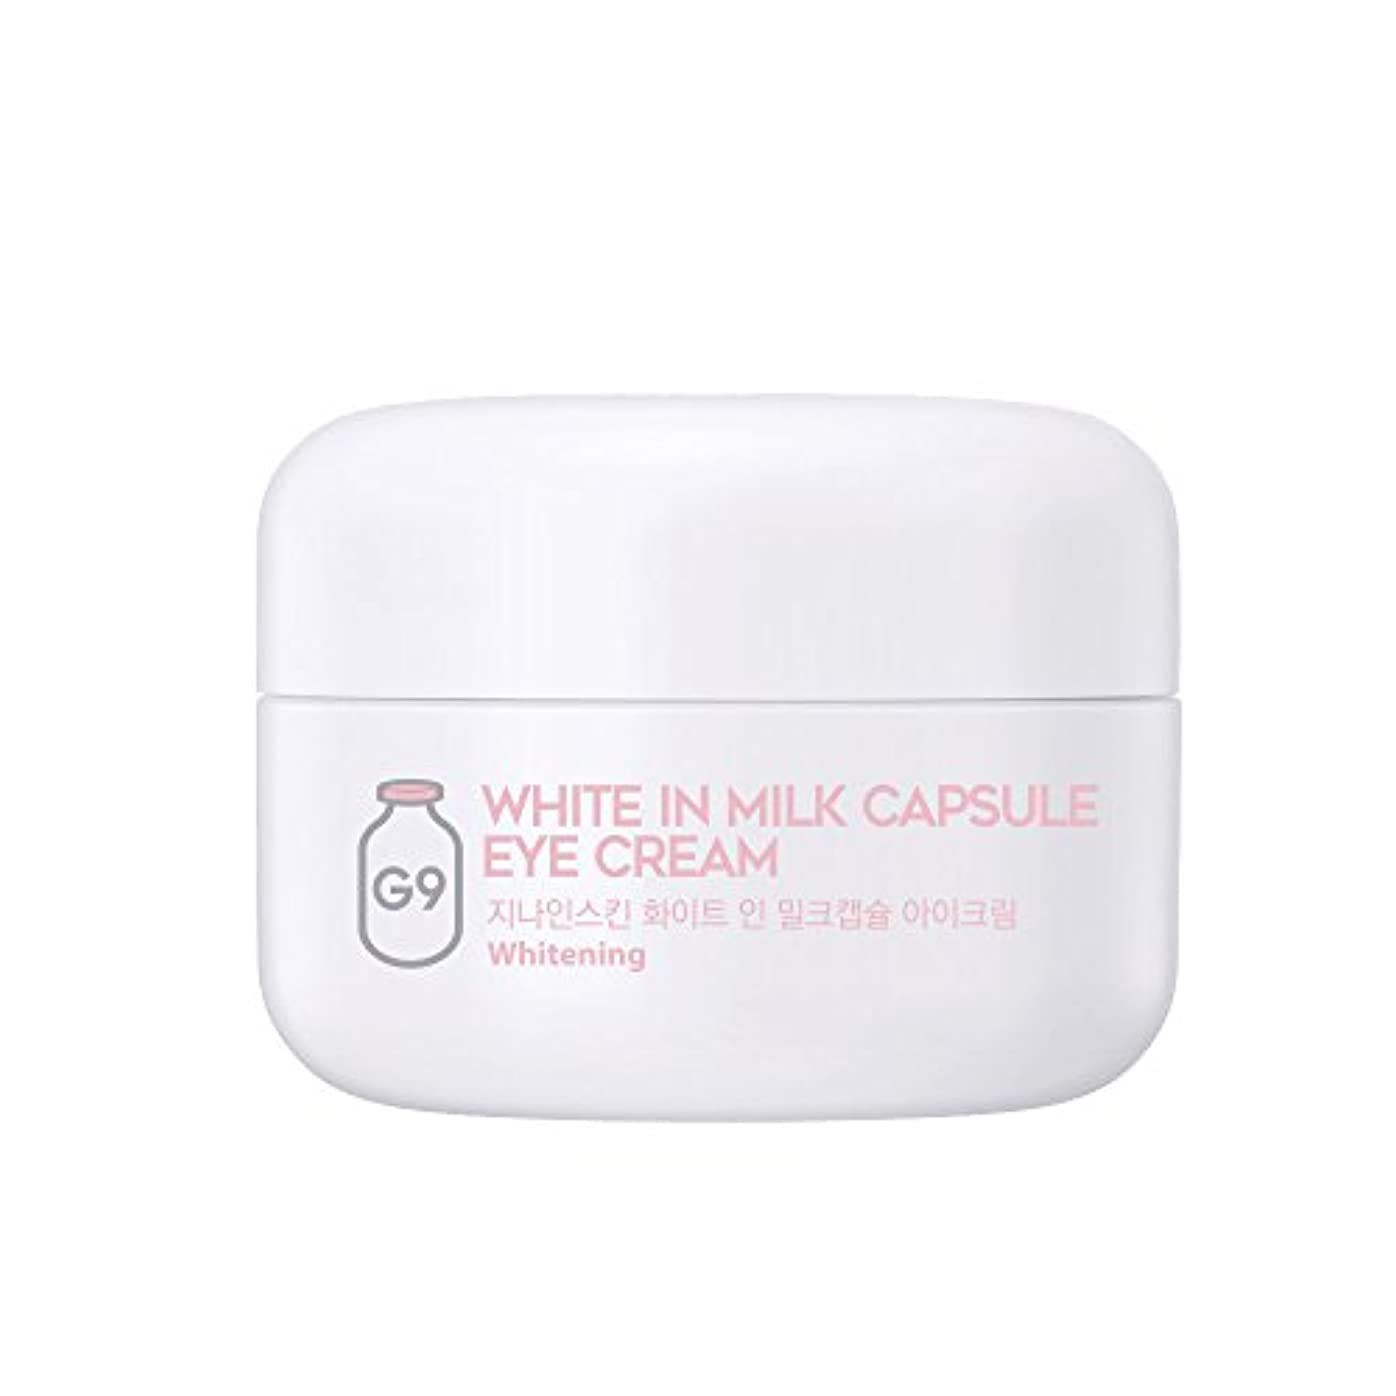 配分グレートオーク放射するG9SKIN(ベリサム) White In Milk Capsule Eye Cream ホワイトインミルクカプセルアイクリーム 30g